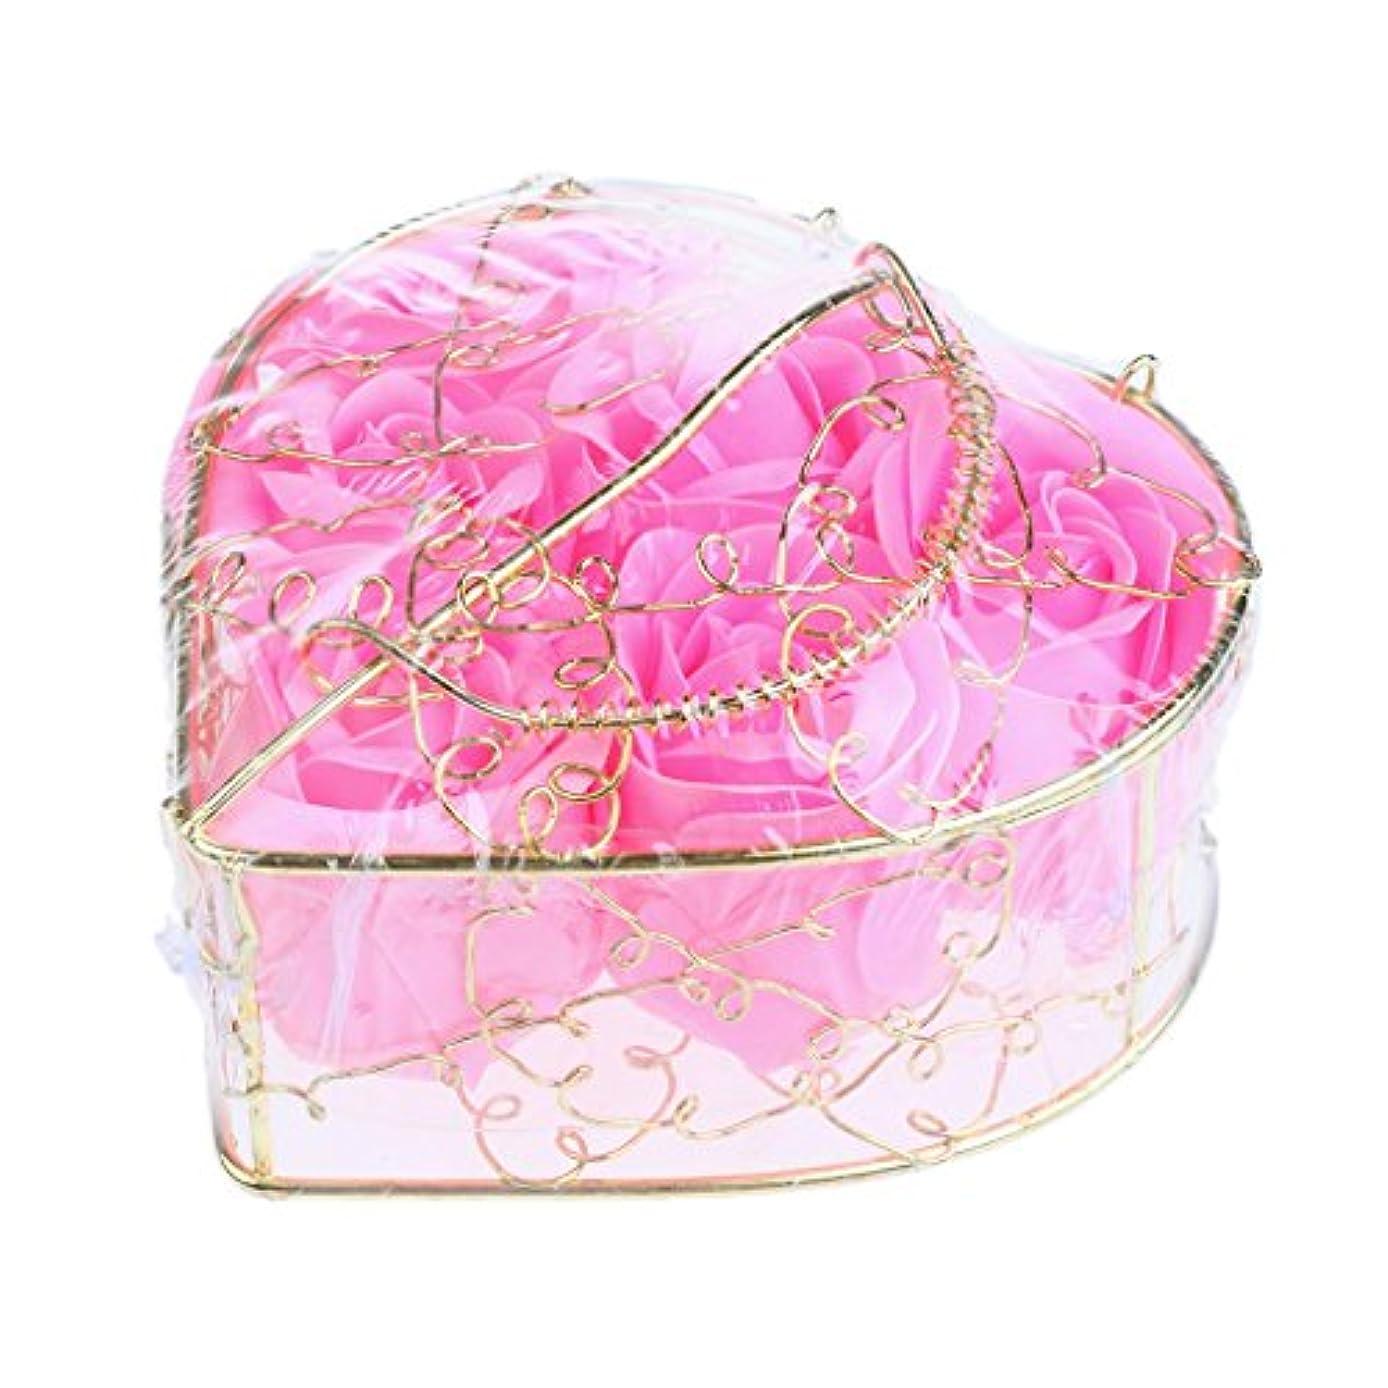 アミューズ思われる私のPerfk 6個 石鹸の花 石鹸花  造花 フラワー バラ ソープフラワー  シャボンフラワー  フラワーボックス プレゼント 全5タイプ選べる - ピンク